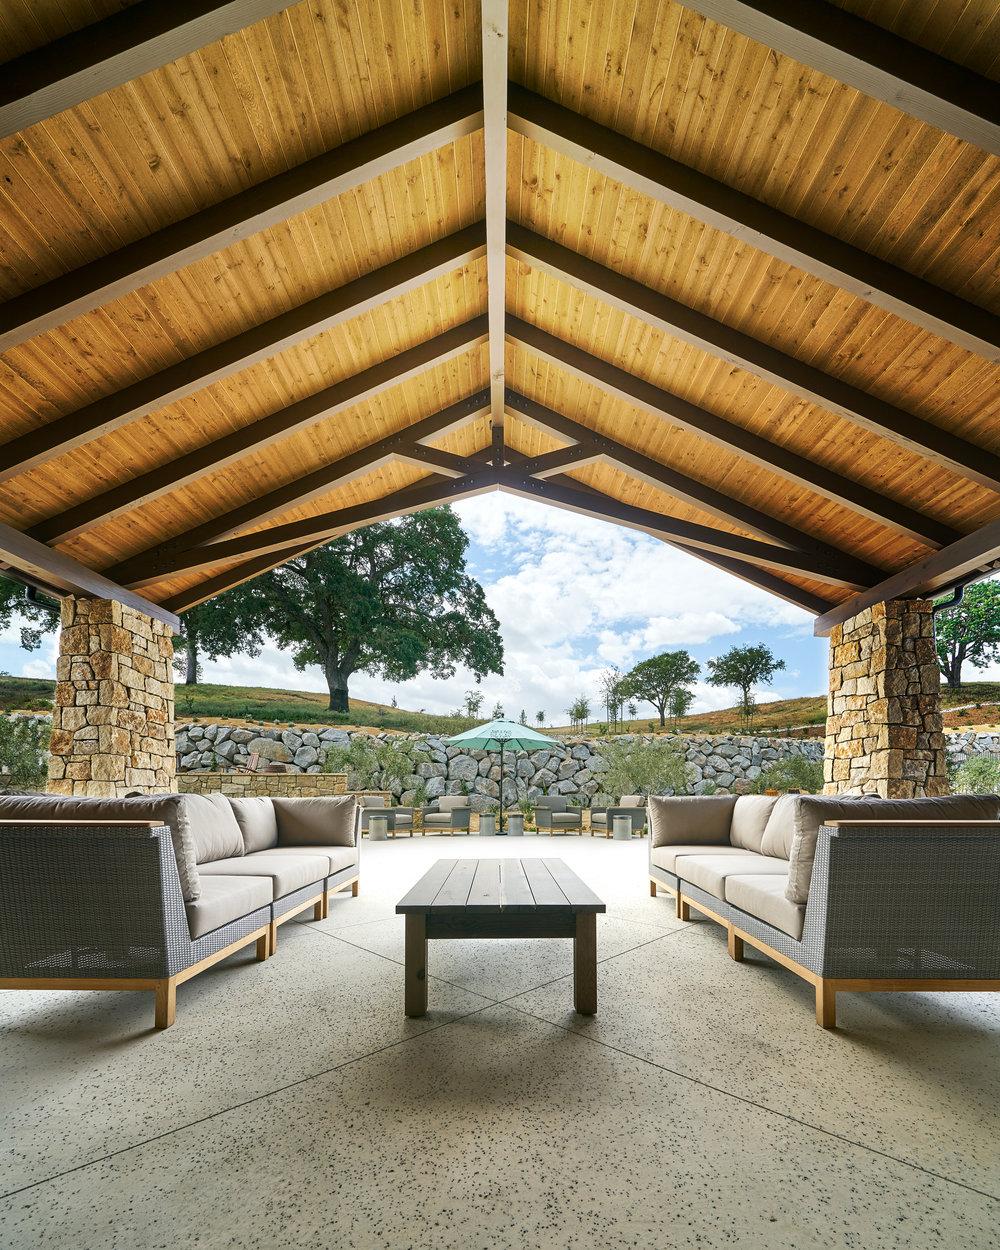 David Lalush Photography Cava Robles RV Resort Landscape Architecture Ten Over Studio.jpg